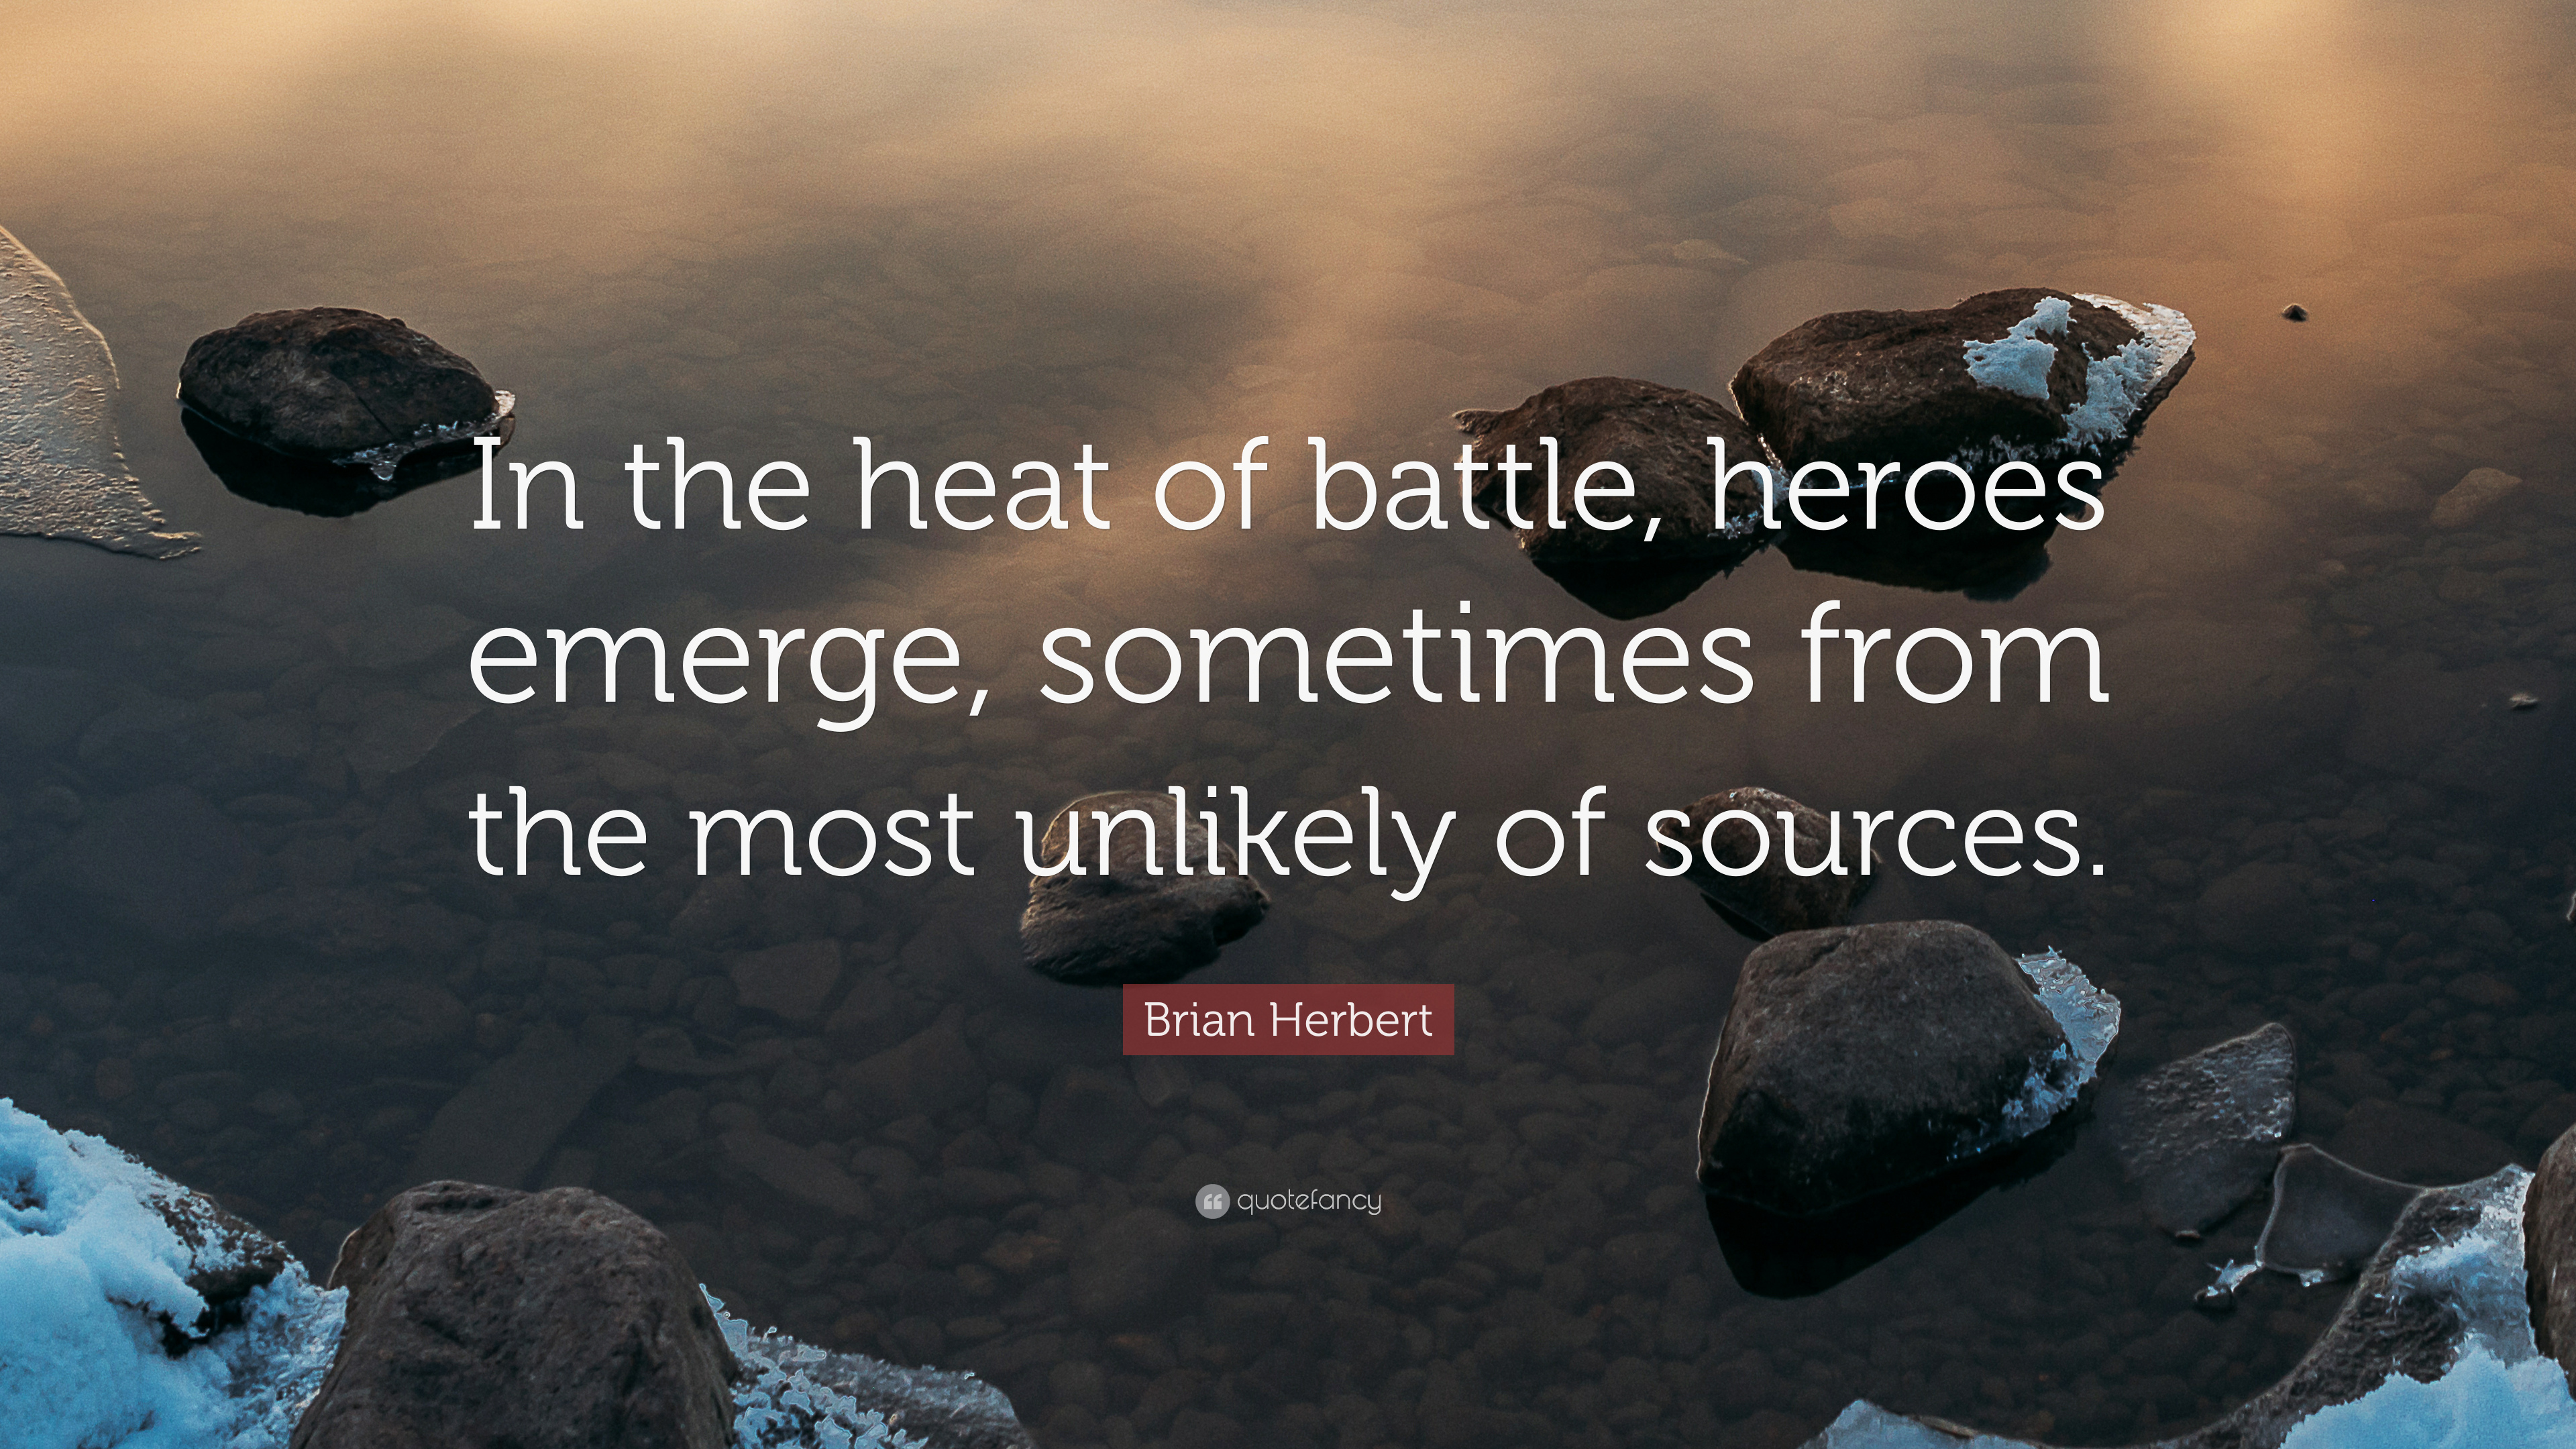 Heat Quotes Brian Herbert Quotes 20 Wallpapers  Quotefancy